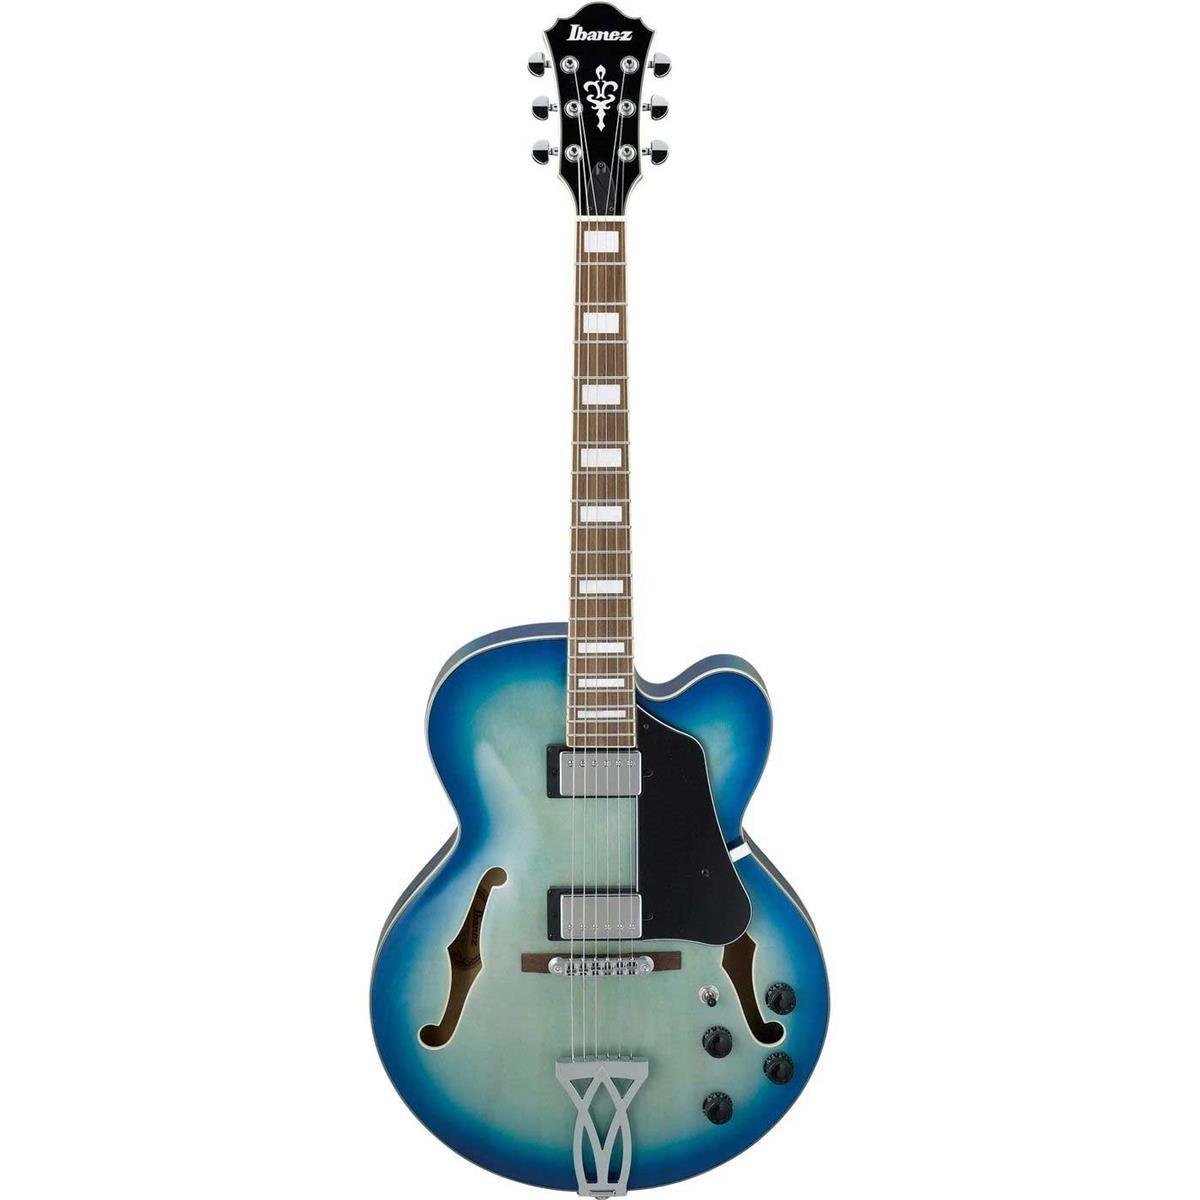 Ibanez AF75JBB Artcore Hollowbody Electric Guitar Jet Blue Burst